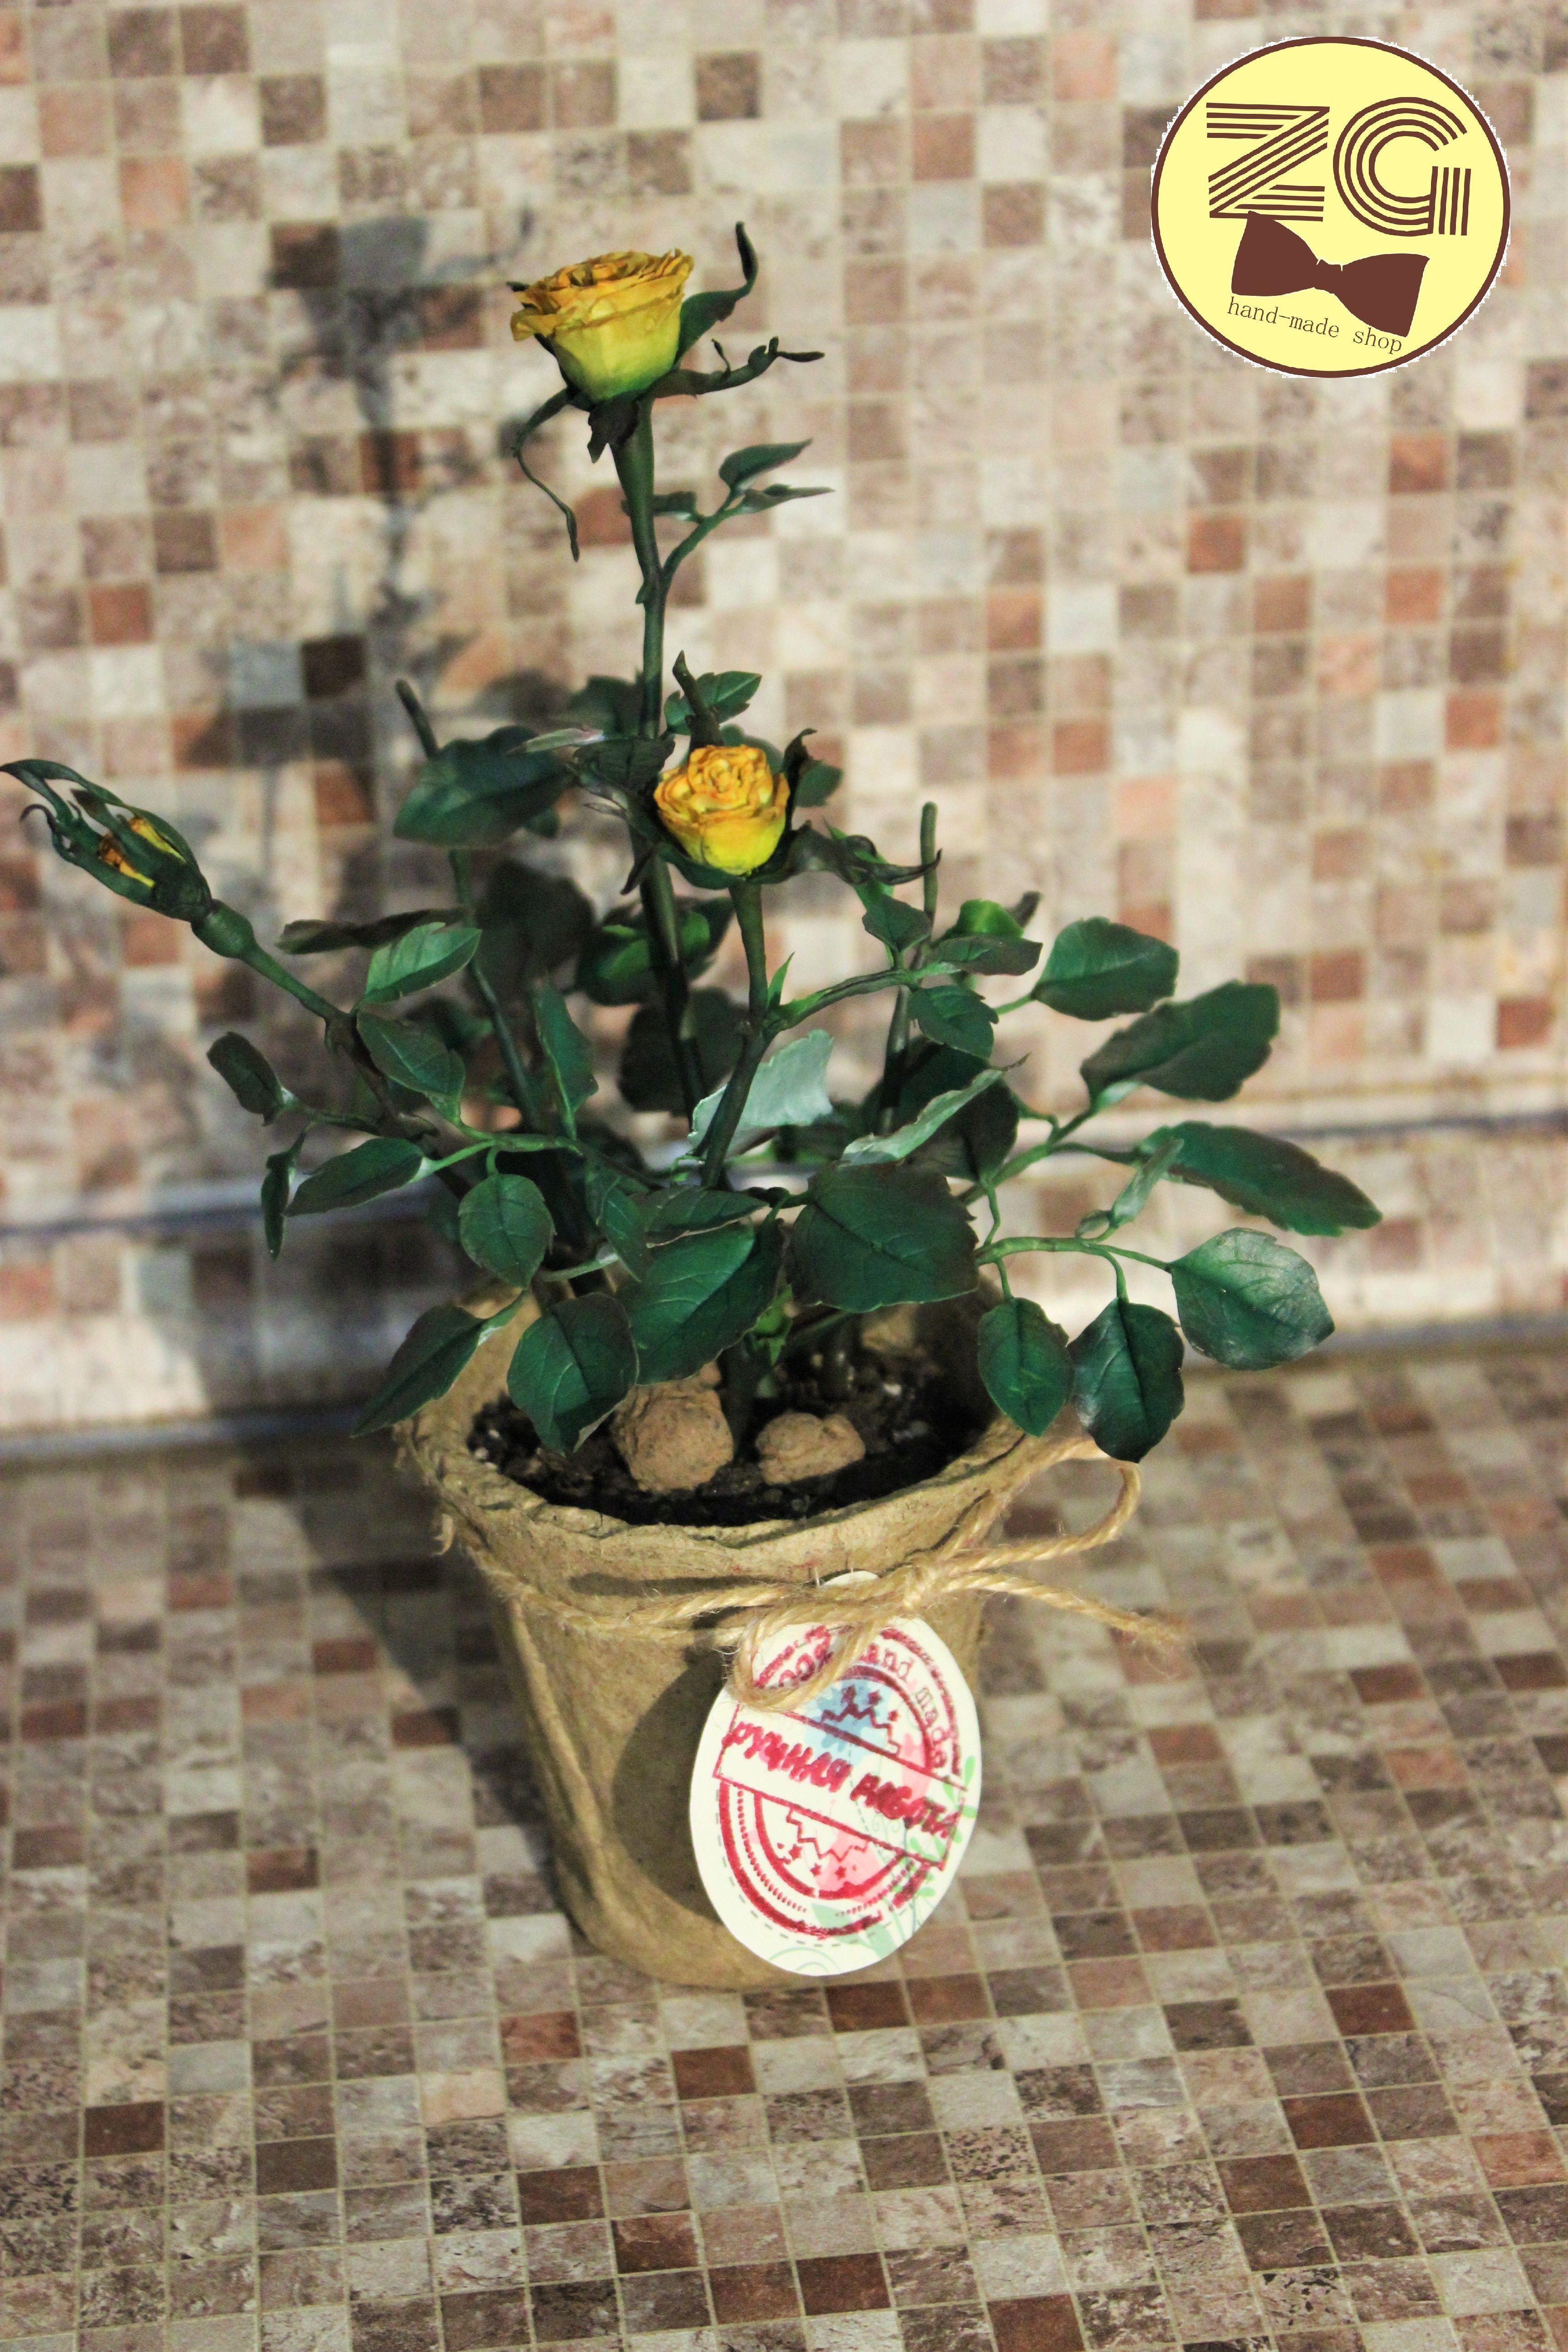 керамическаяфлористикаполимернаяглинарозаflowers